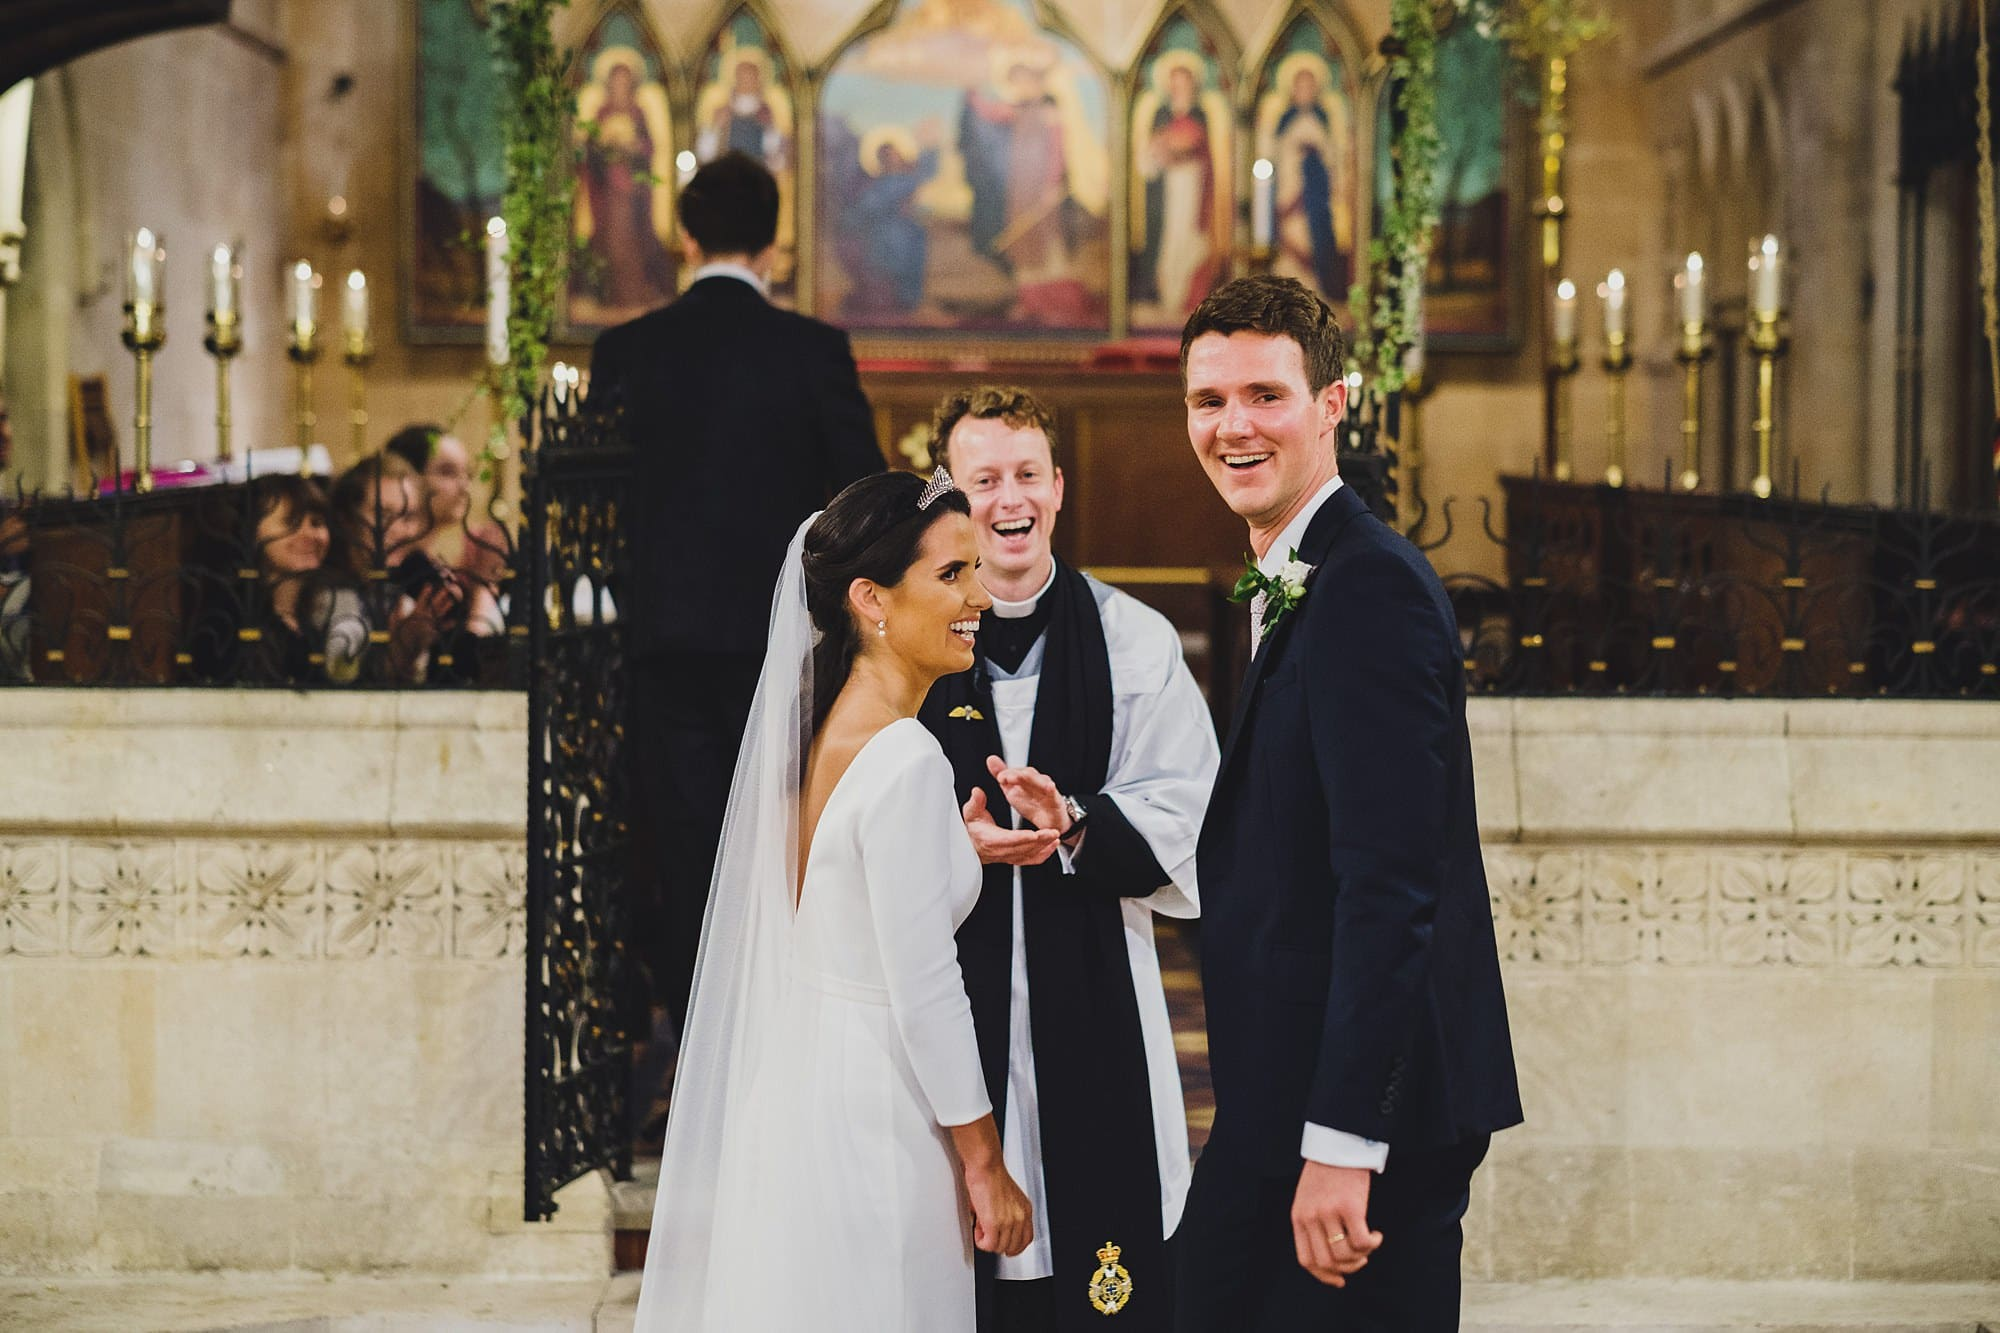 fulham palace wedding photographer ok 043 - Olivia + Kyle